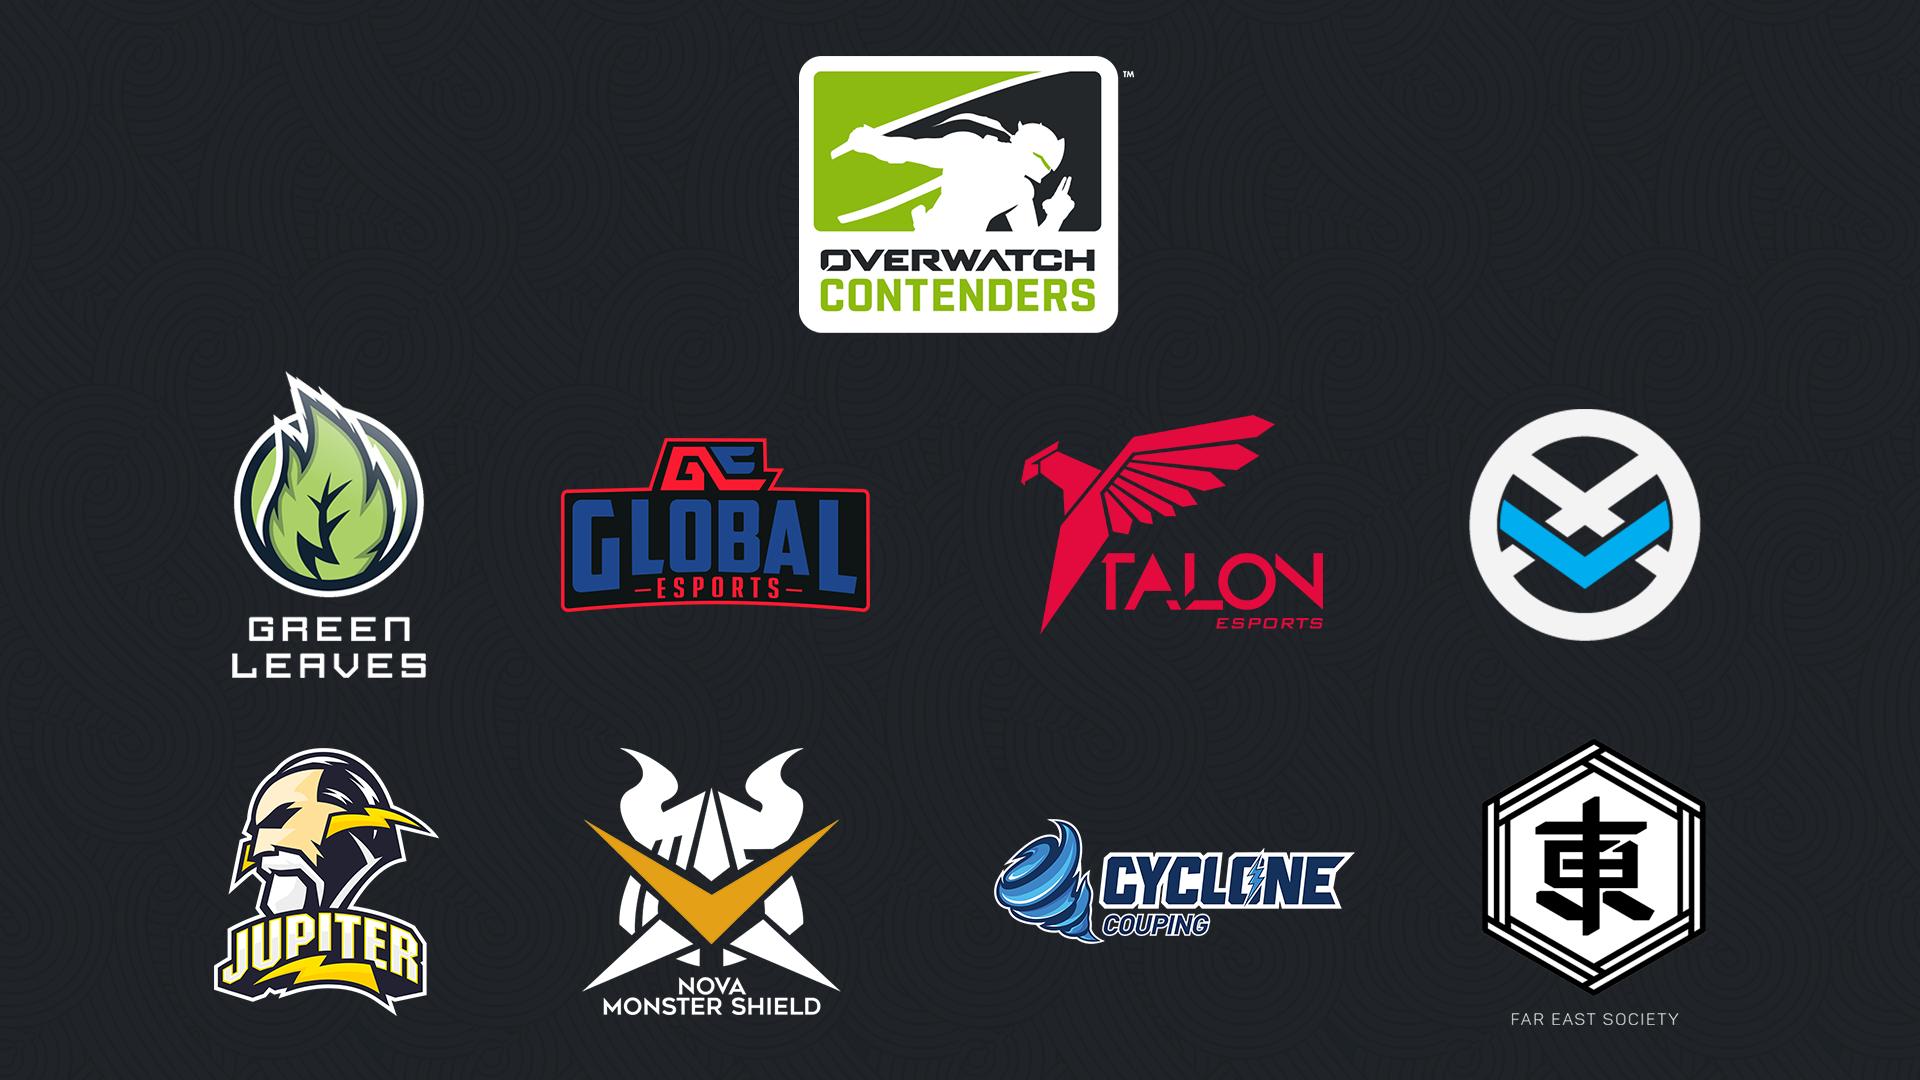 2019《鬥陣特攻》太平洋職業競技賽第二賽季 參賽隊伍